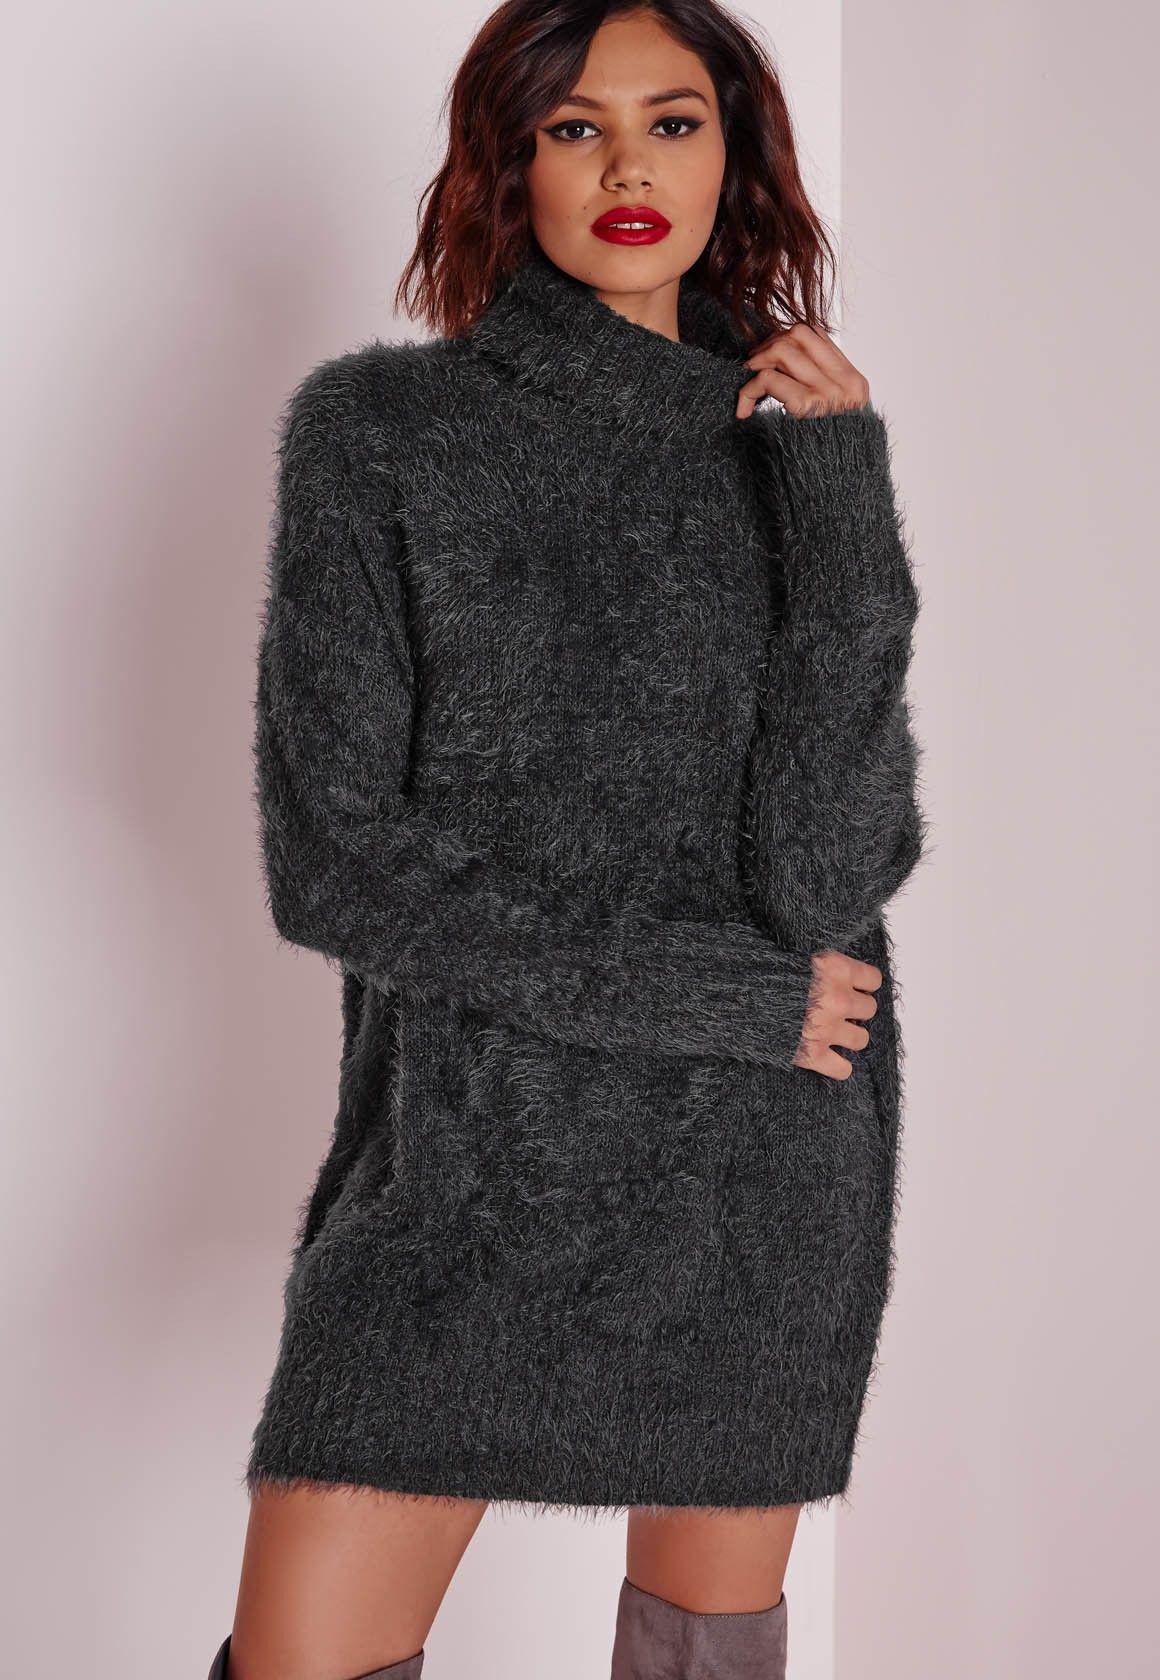 cd8298a2ad6 Missguided - Robe-pull à col roulé en laine poilue grise